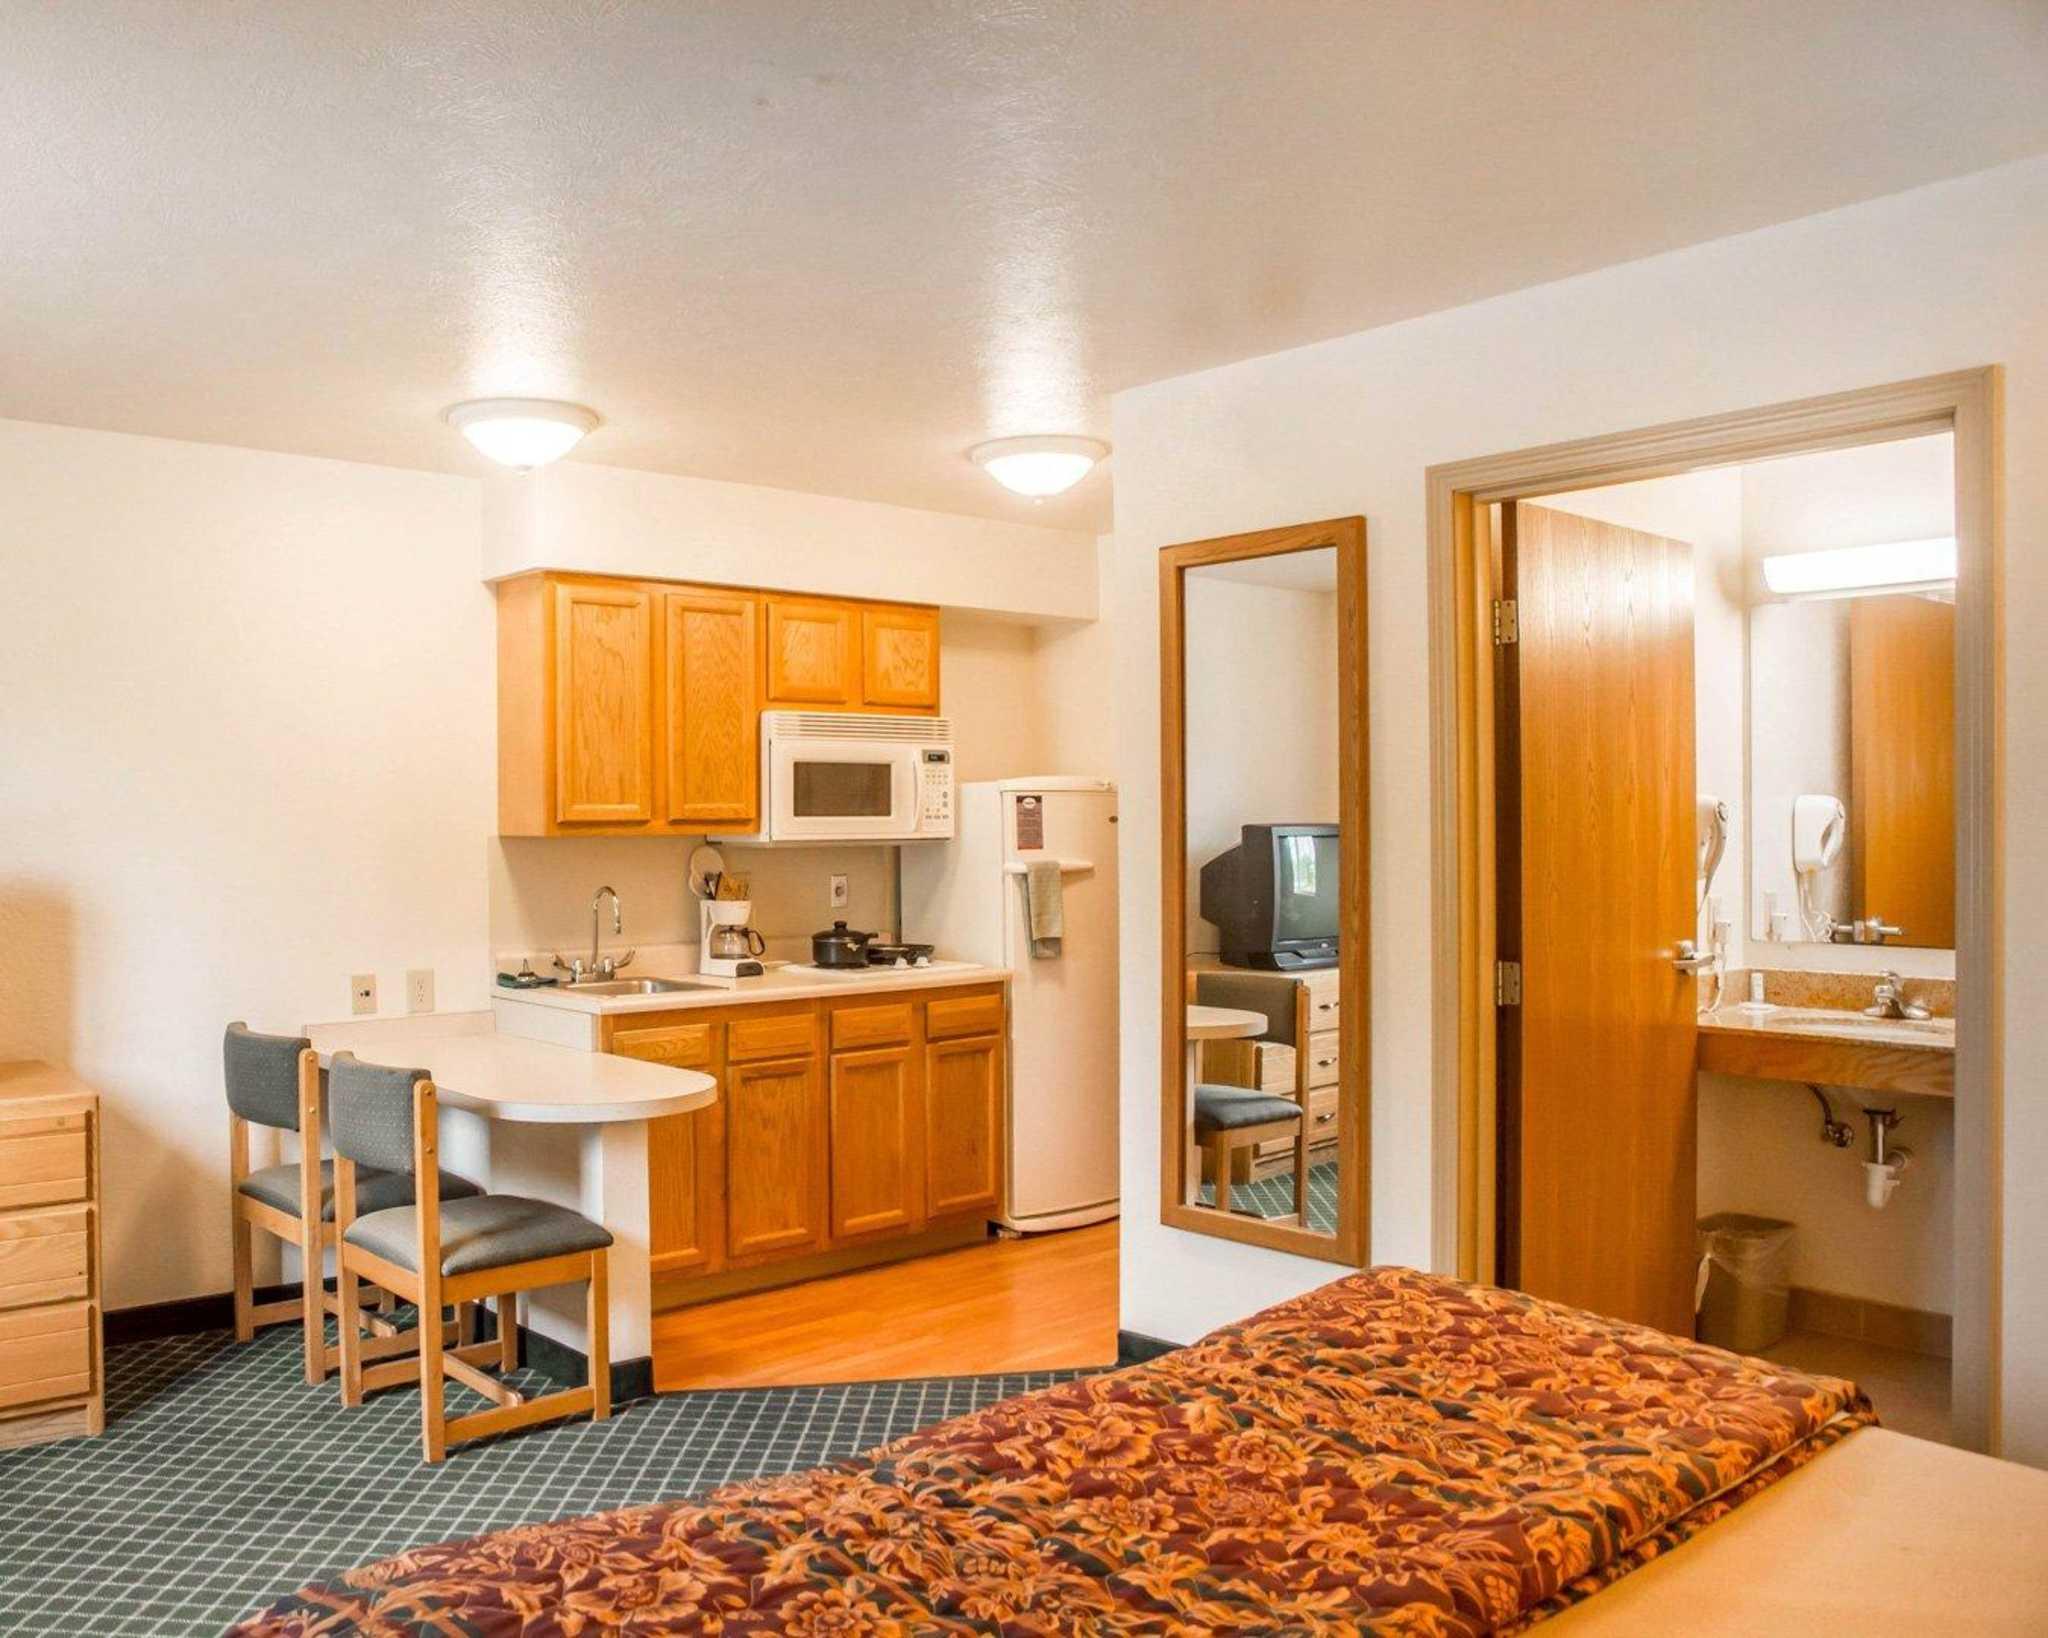 Suburban Extended Stay Hotel Dayton-WP AFB image 3